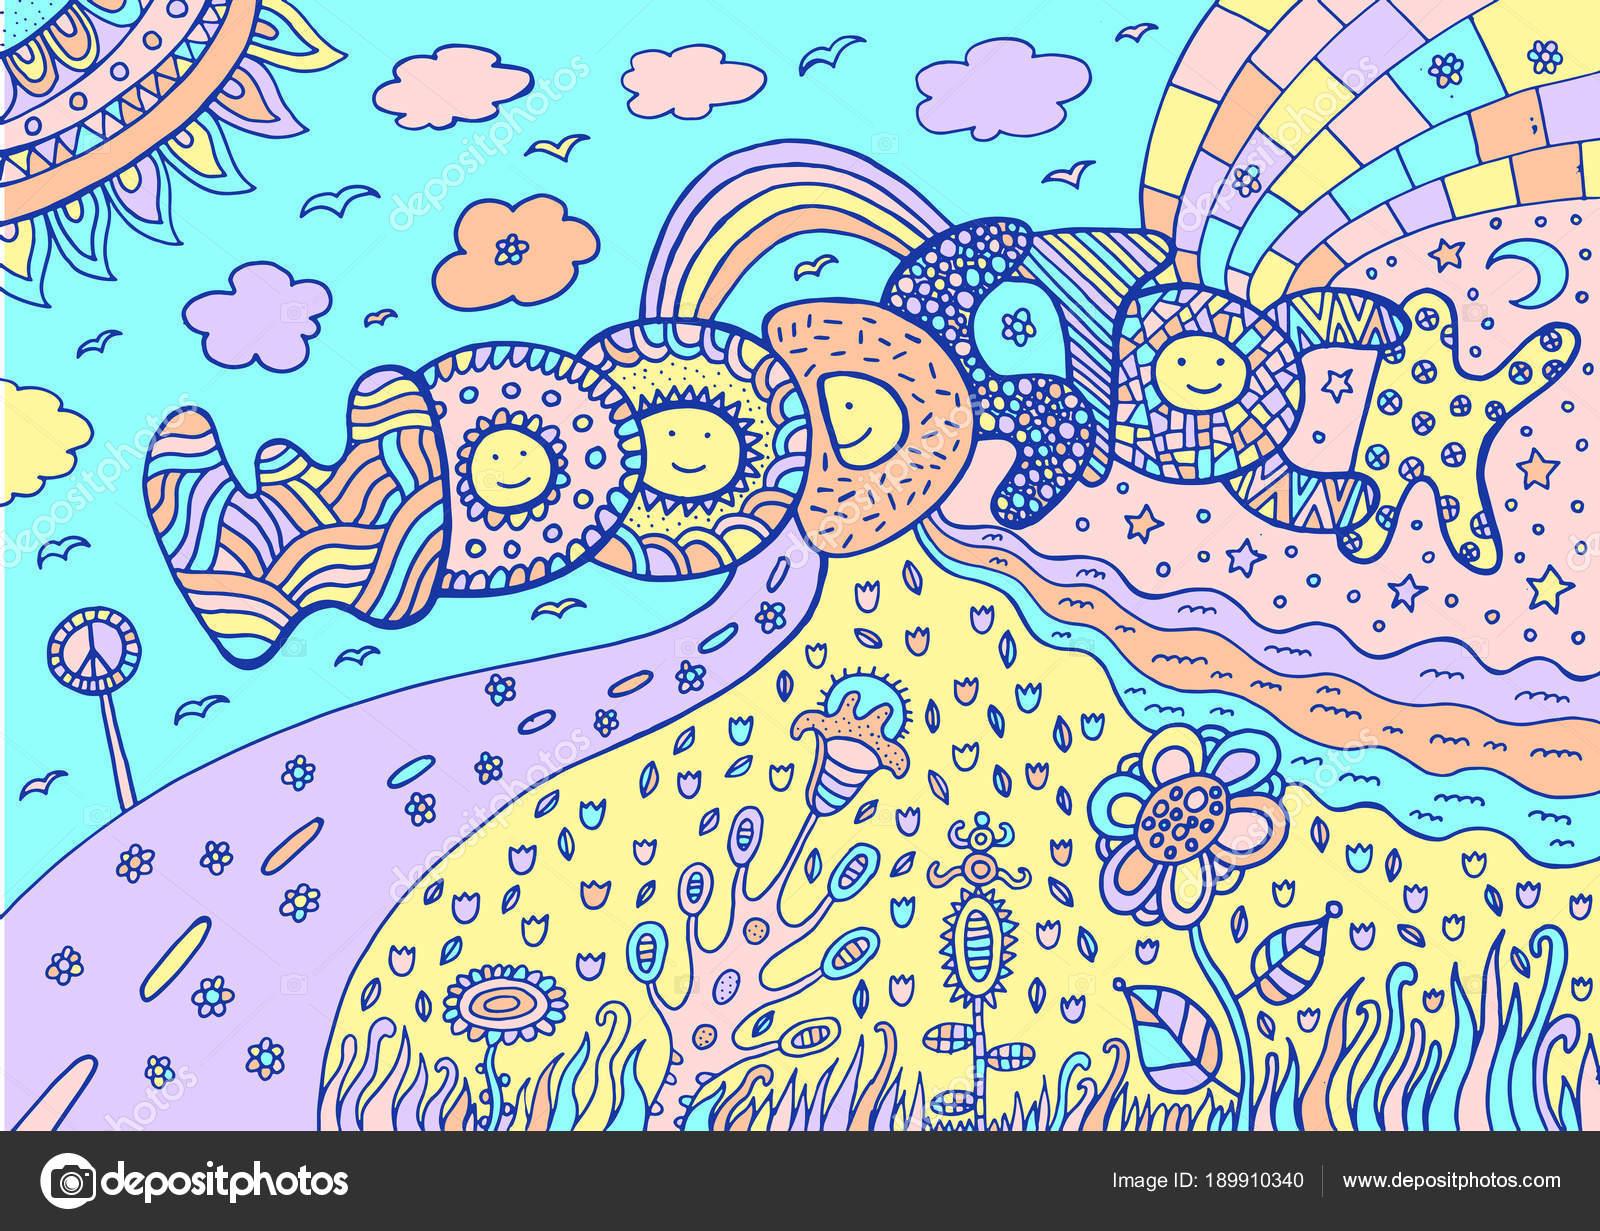 Imagenes Tumblr Colores Pastel: Dibujos Tumblr Coloridos